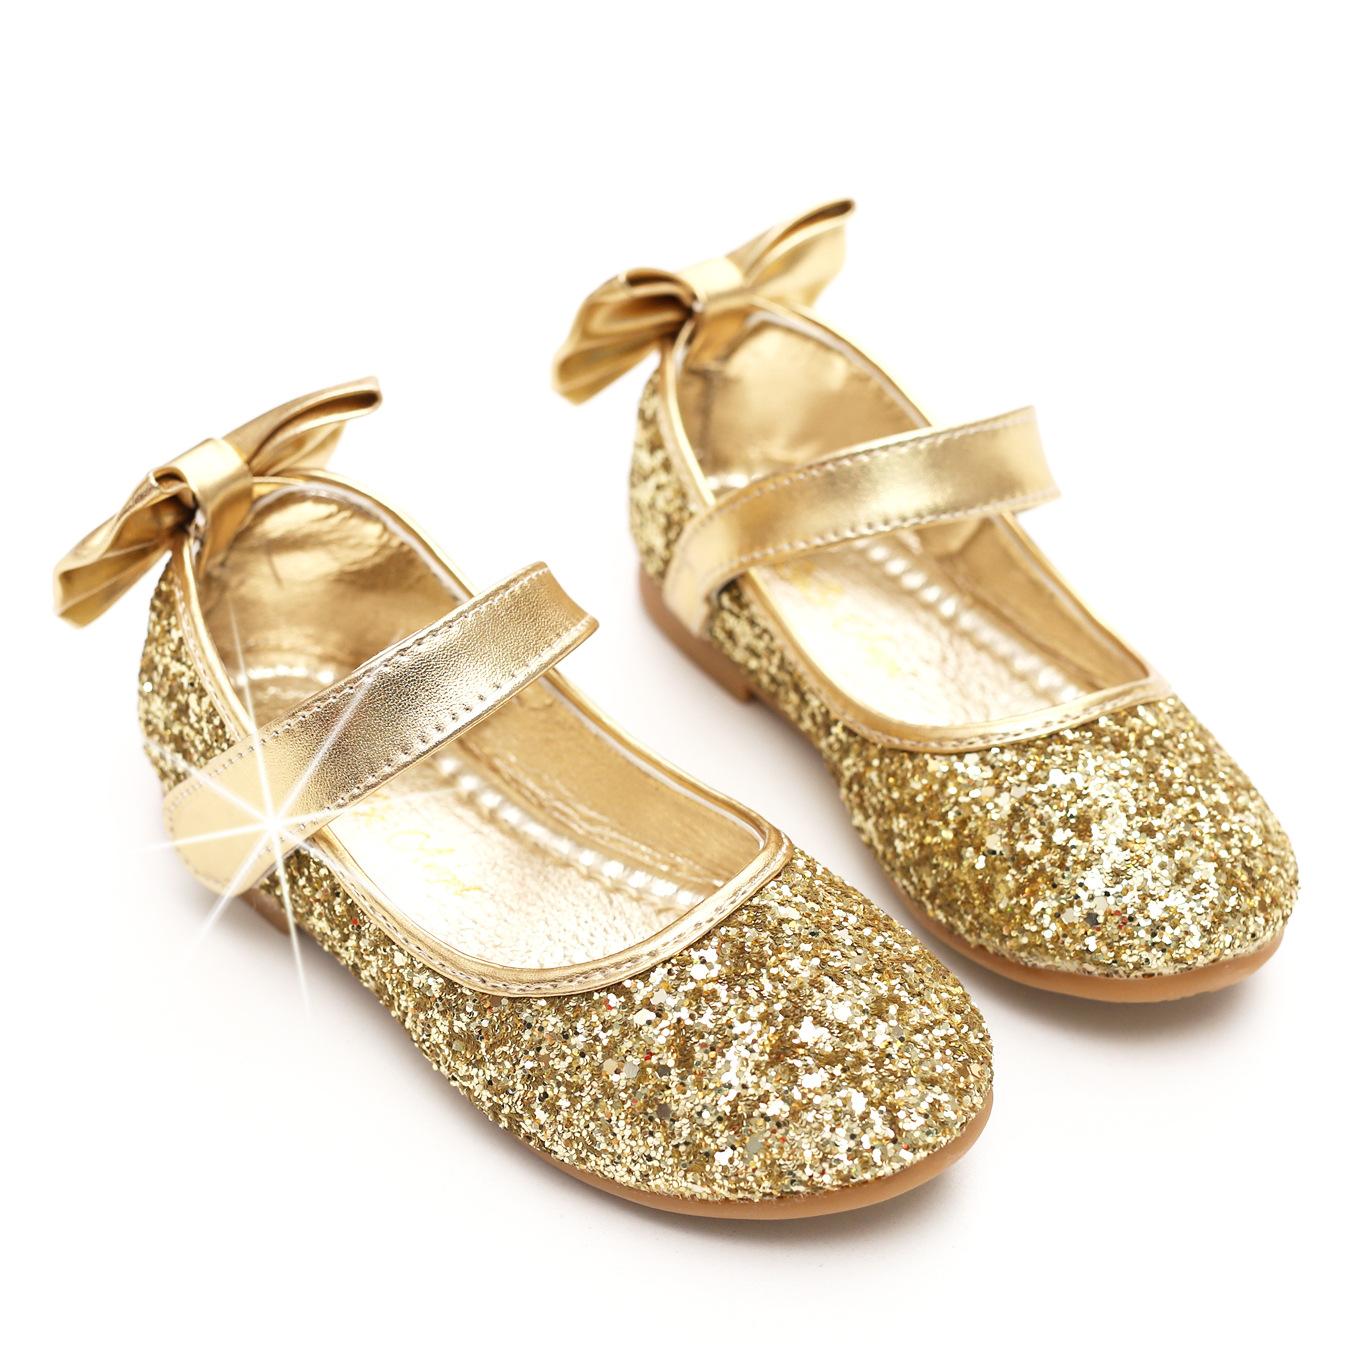 BoBo Angel Giày trẻ em Hot Giày bé gái Dễ thương đa năng tròn phẳng Giày phẳng Giày thoáng khí và th